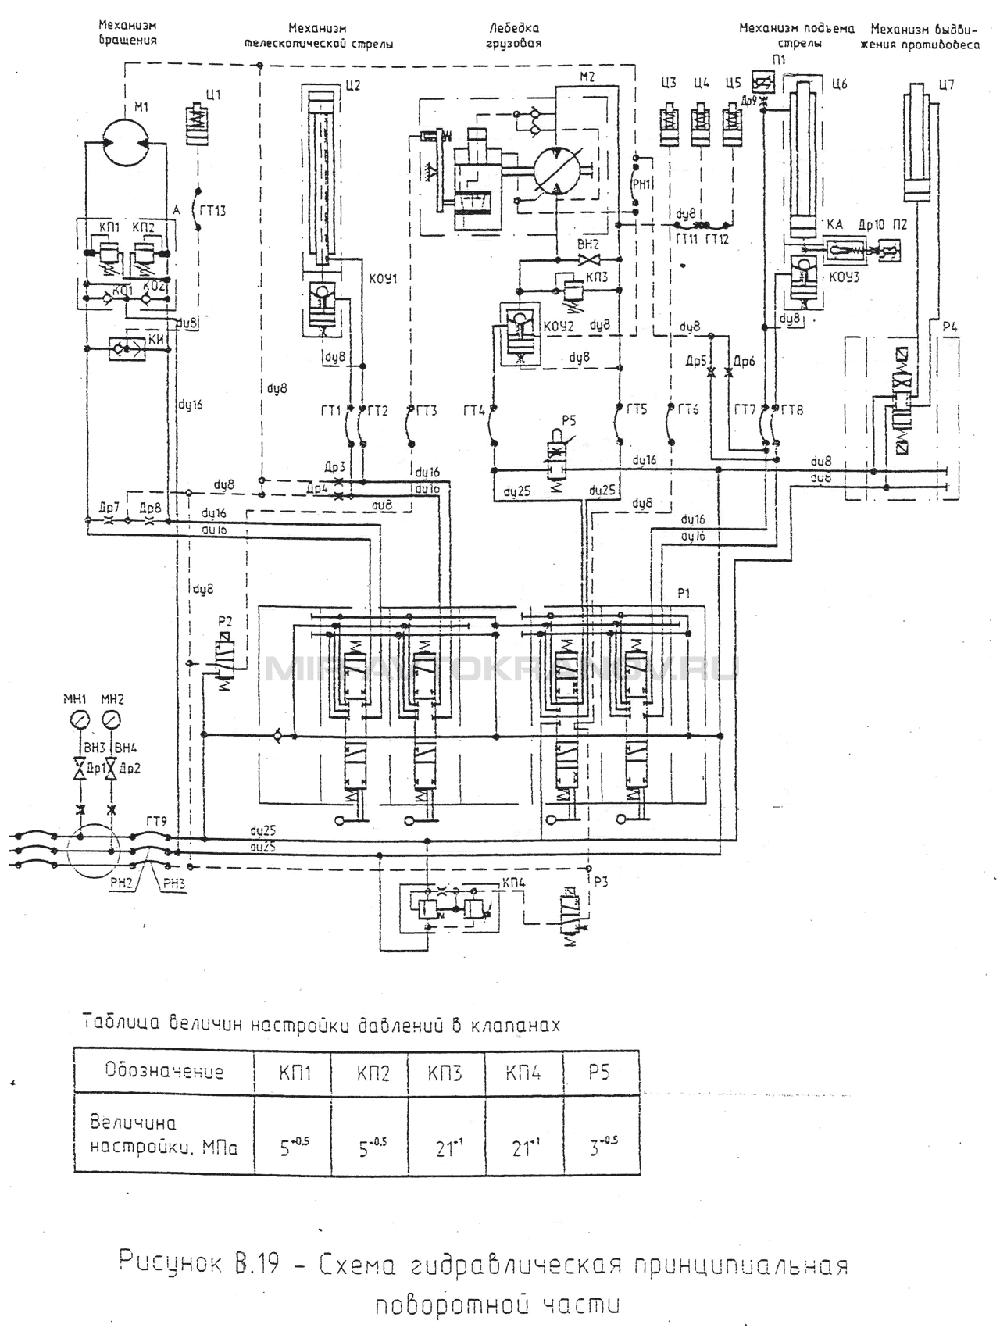 Гидро схема автокрана